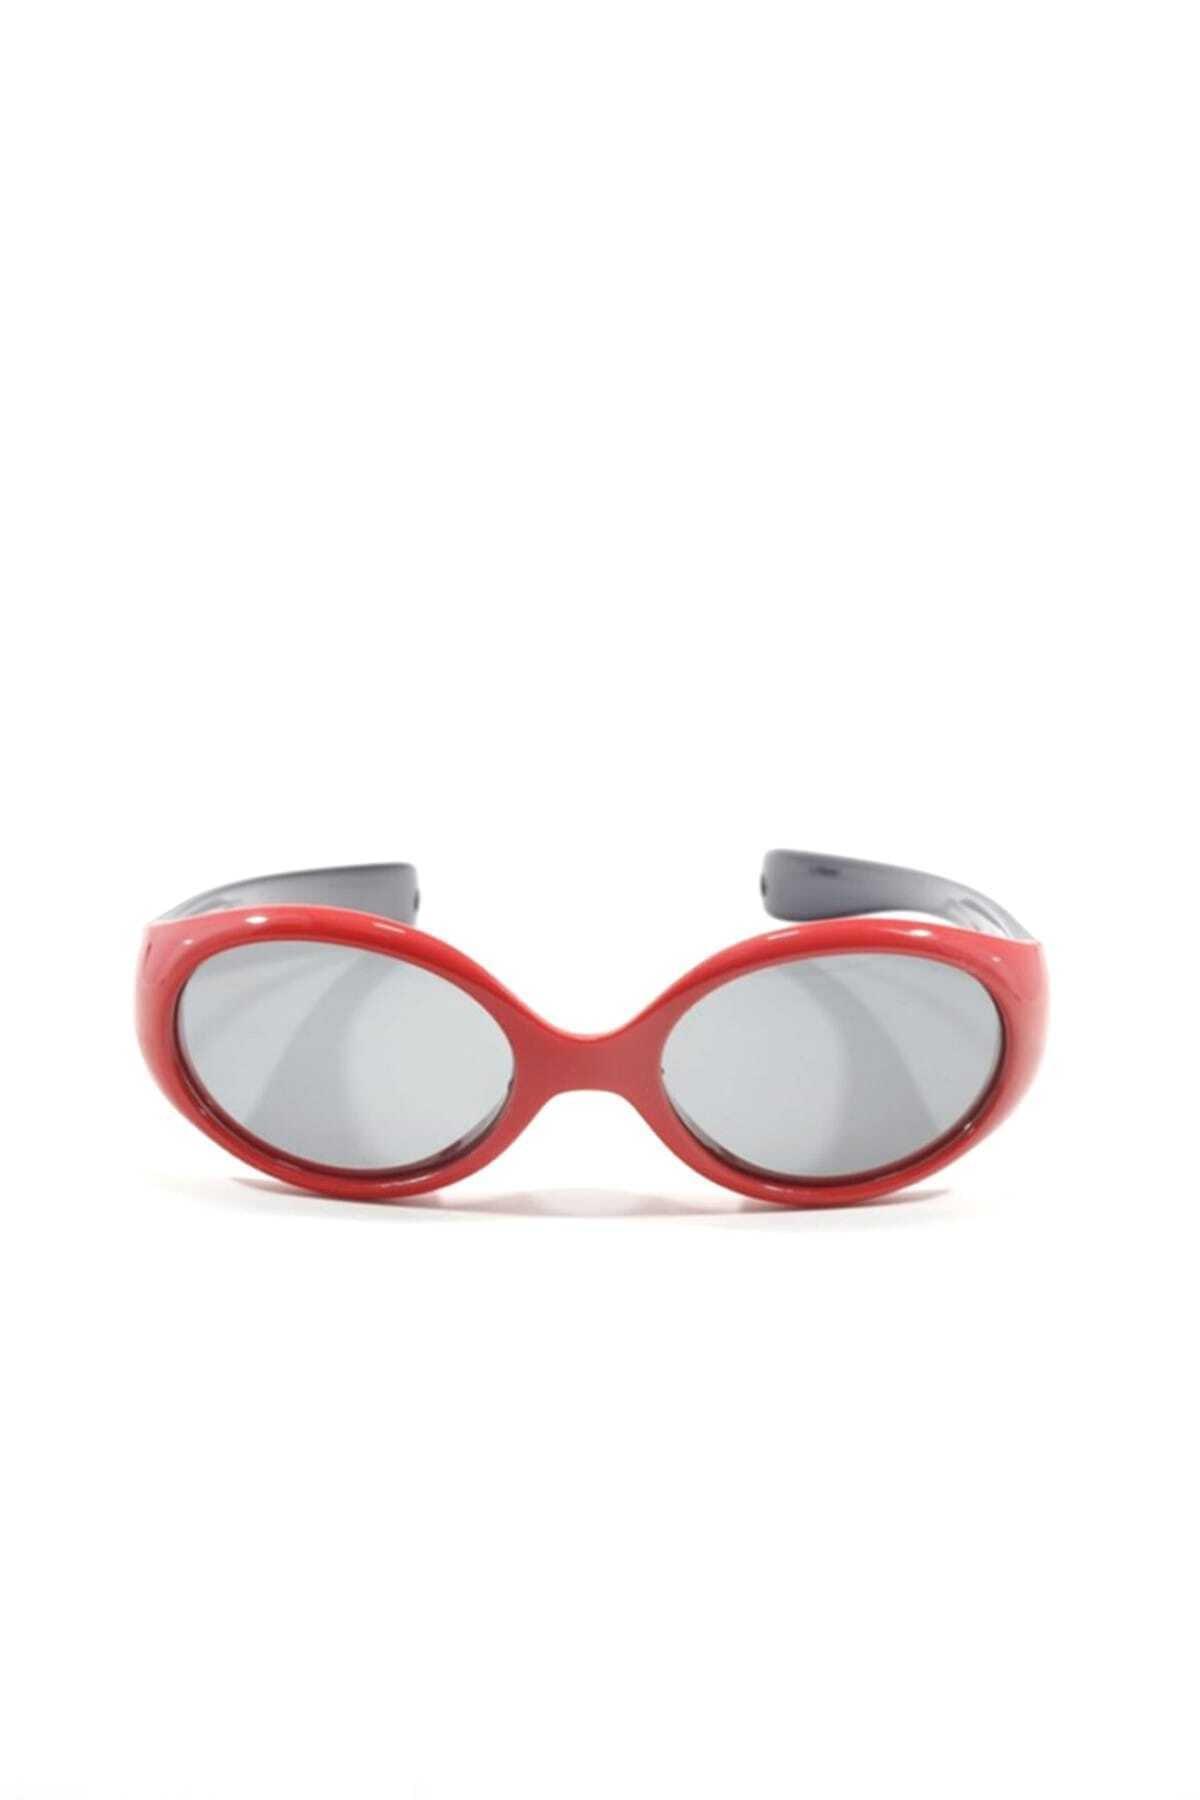 فروش عینک آفتابی بچه گانه پسرانه 2021 برند Osse رنگ قرمز ty7055896